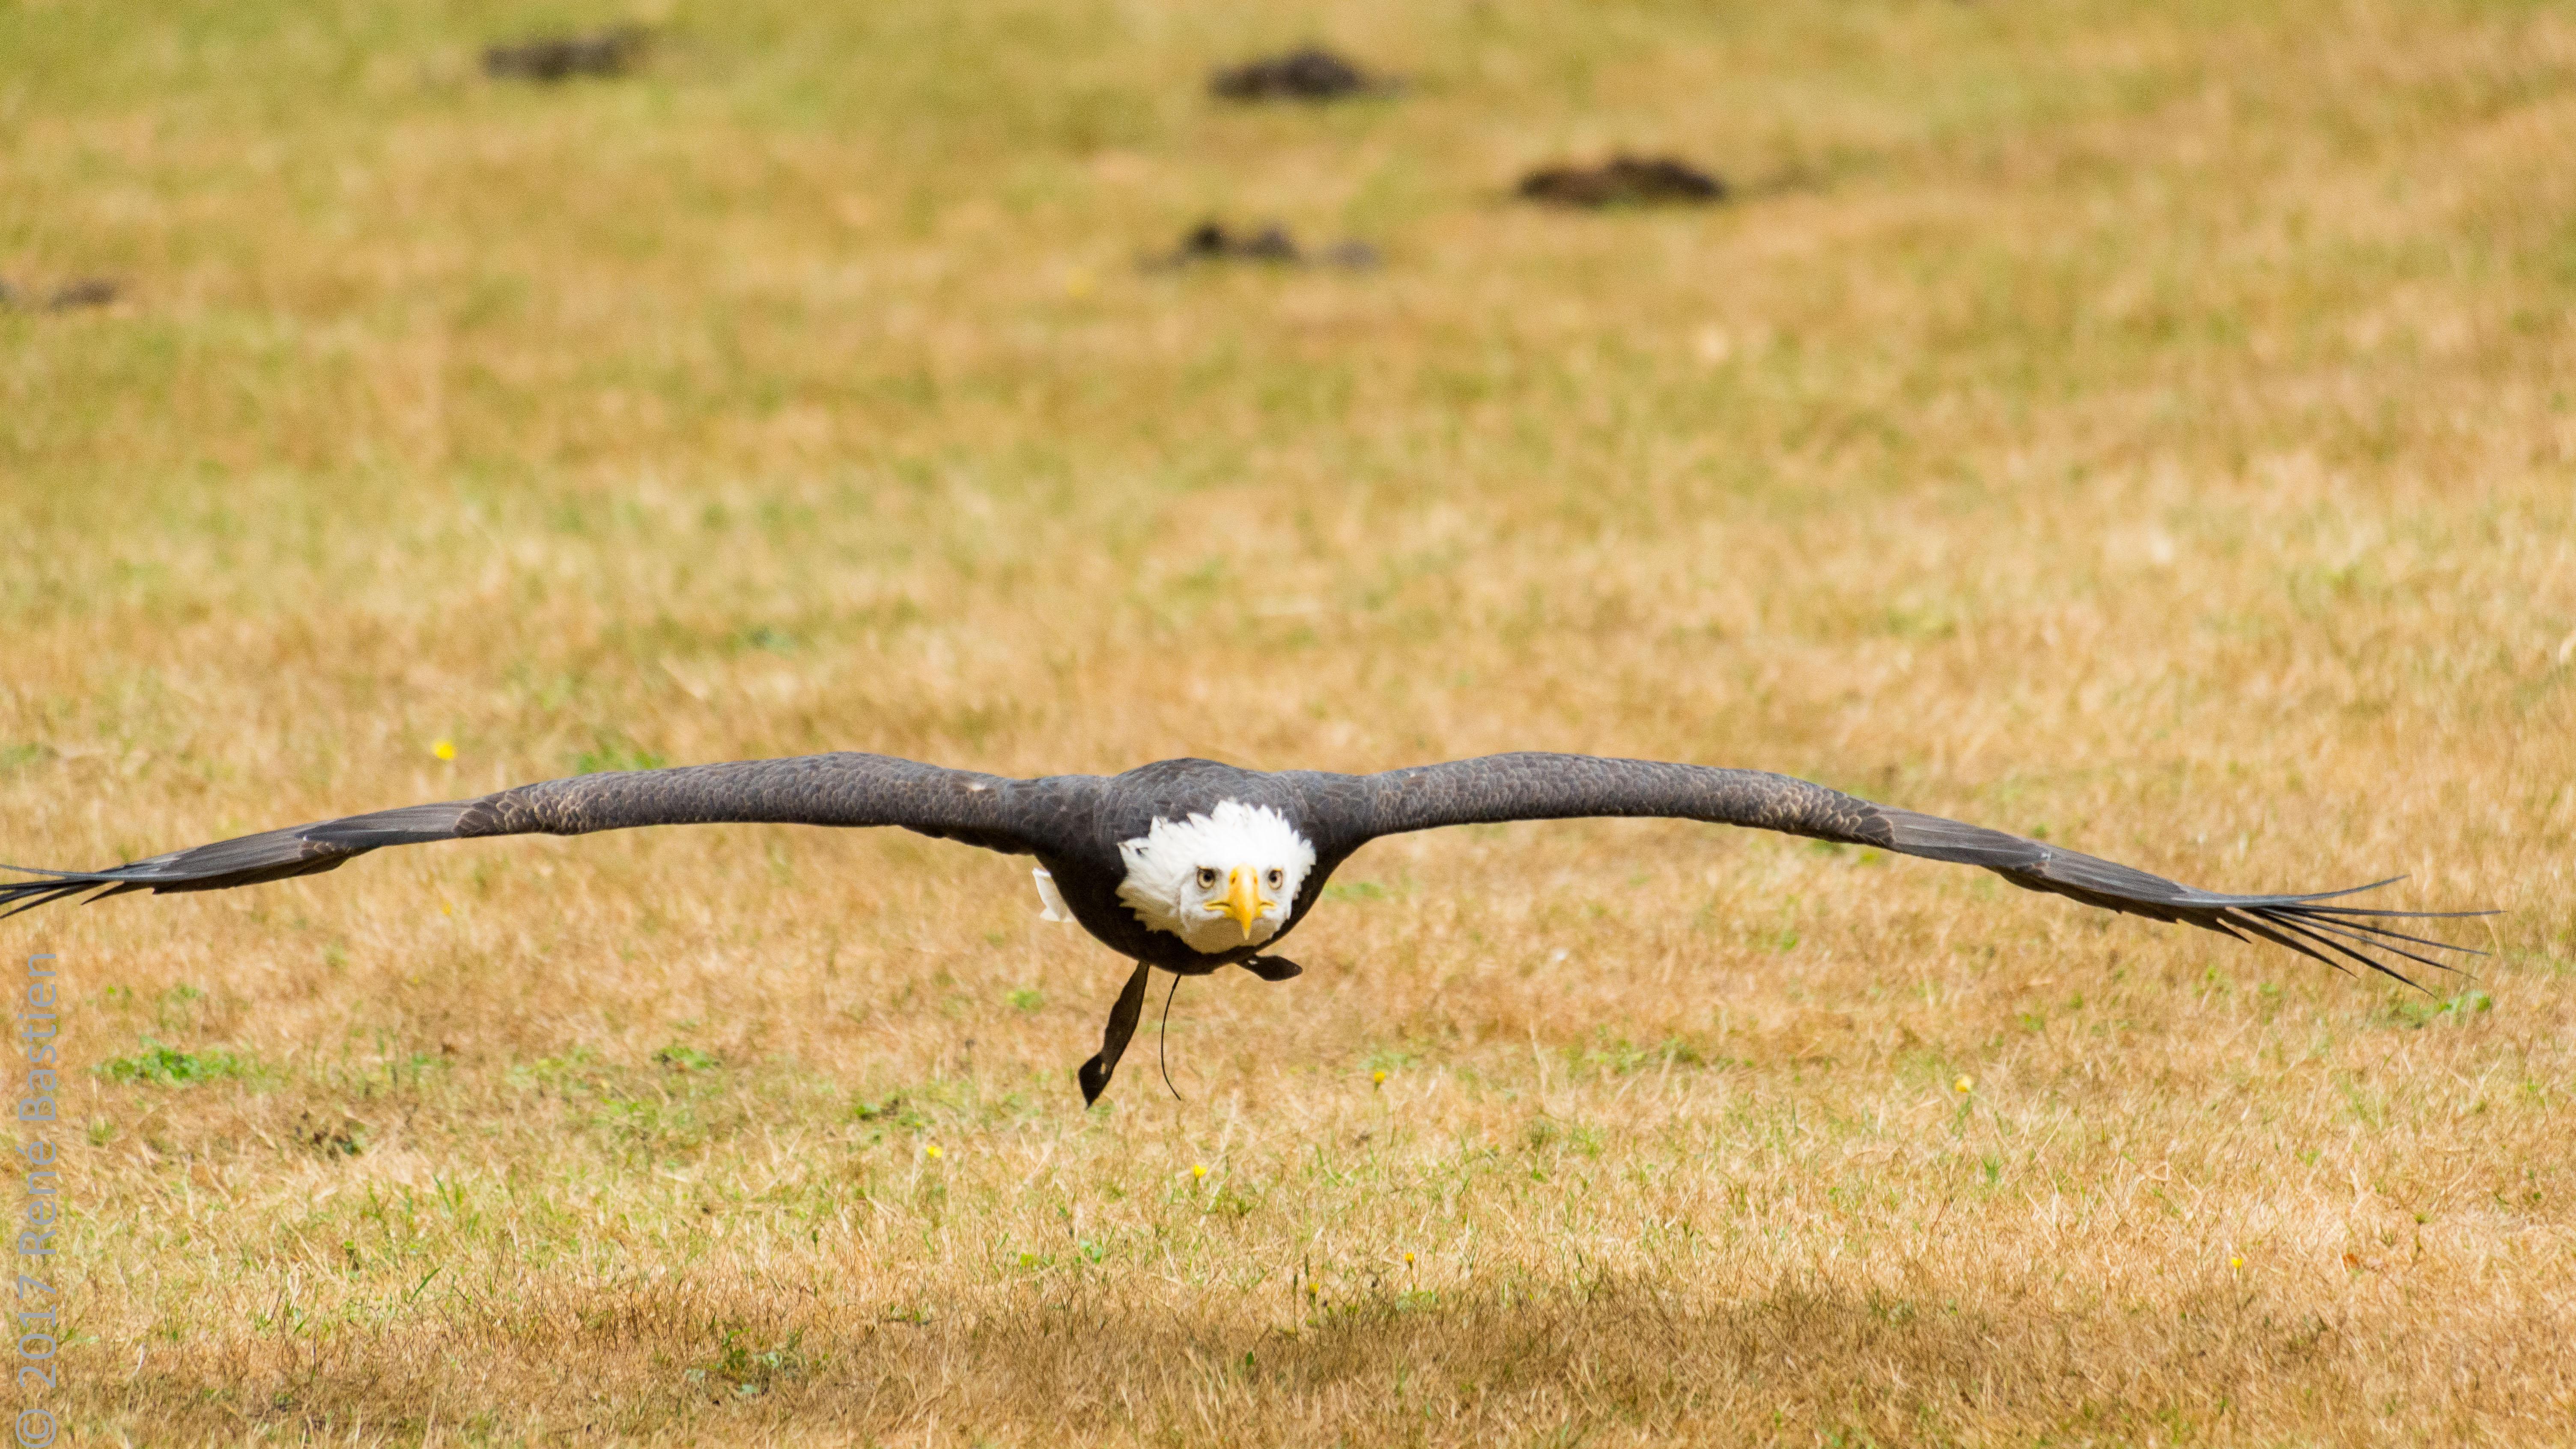 bald eagle-6721